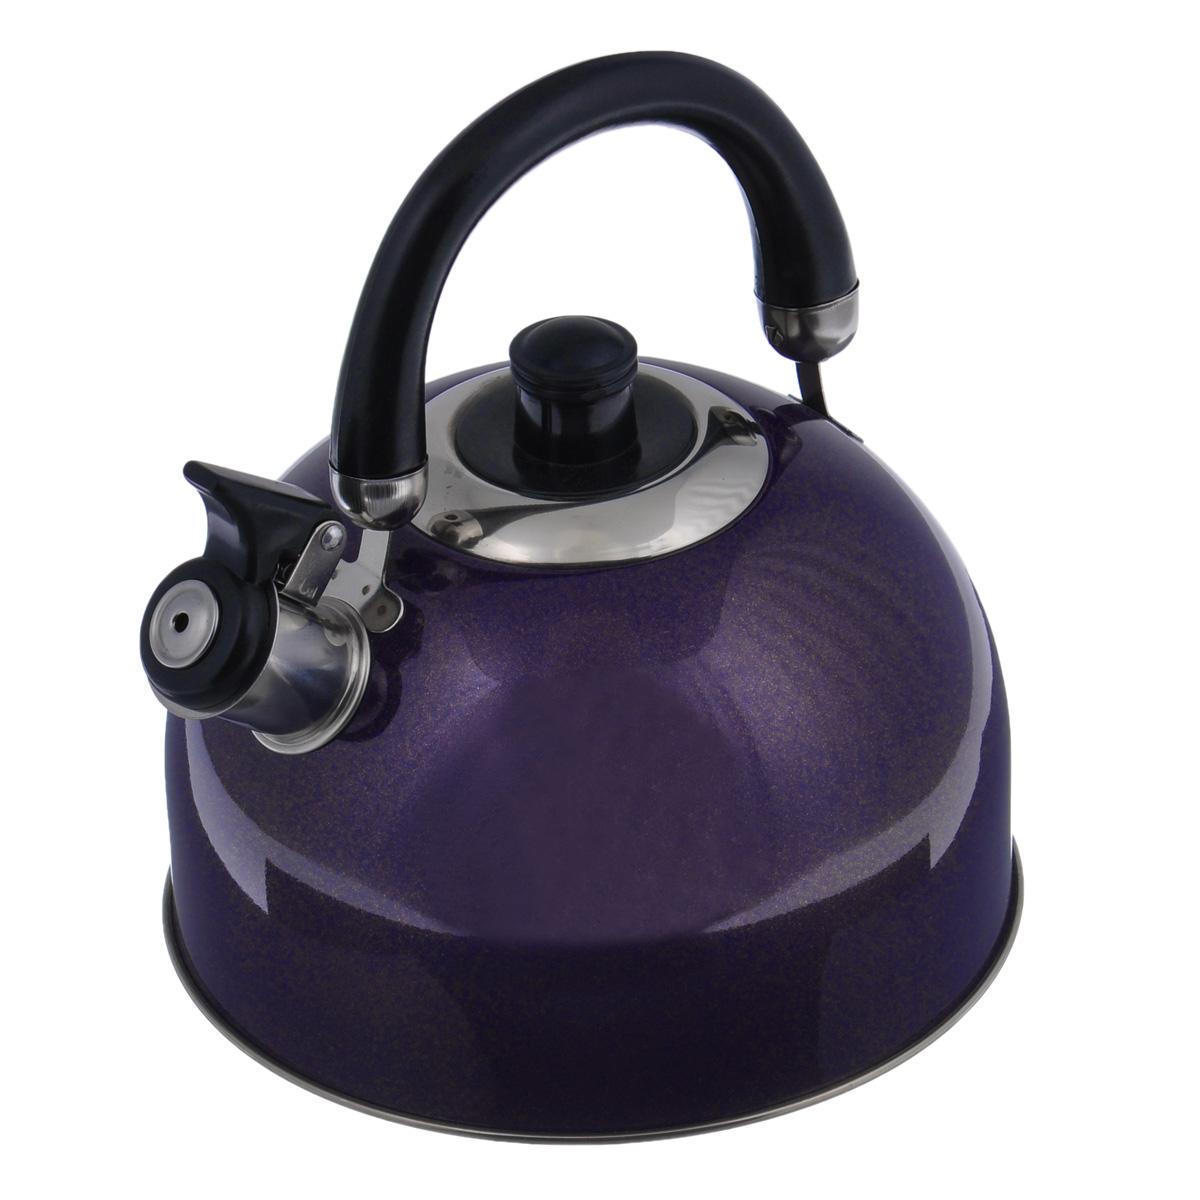 Чайник Mayer & Boch Modern со свистком, цвет: фиолетовый, 2,7 л. 23595-268/5/2Чайник Mayer & Boch Modern выполнен из высококачественной нержавеющей стали, что обеспечивает долговечность использования. Внешнее цветное эмалевоепокрытие придает приятный внешний вид. Подвижная ручка из бакелита делает использование чайника очень удобным и безопасным. Чайник снабжен свистком и устройством для открывания носика.Можно мыть в посудомоечной машине. Пригоден для всех видов плит, включая индукционные.Высота чайника (без учета крышки и ручки): 11,5 см.Диаметр основания: 20 см.